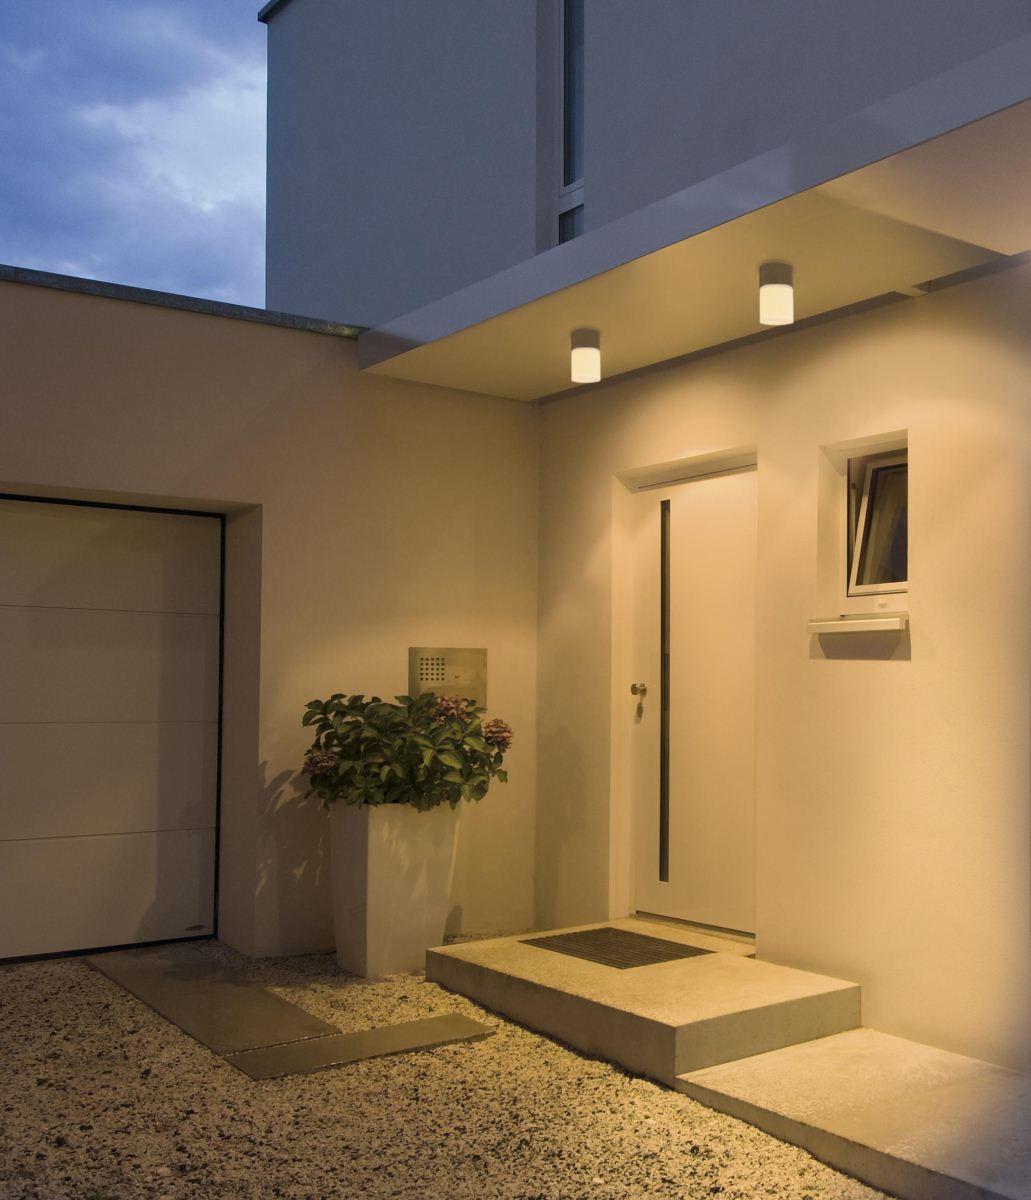 Oswietlenie Domu Z Zewnatrz